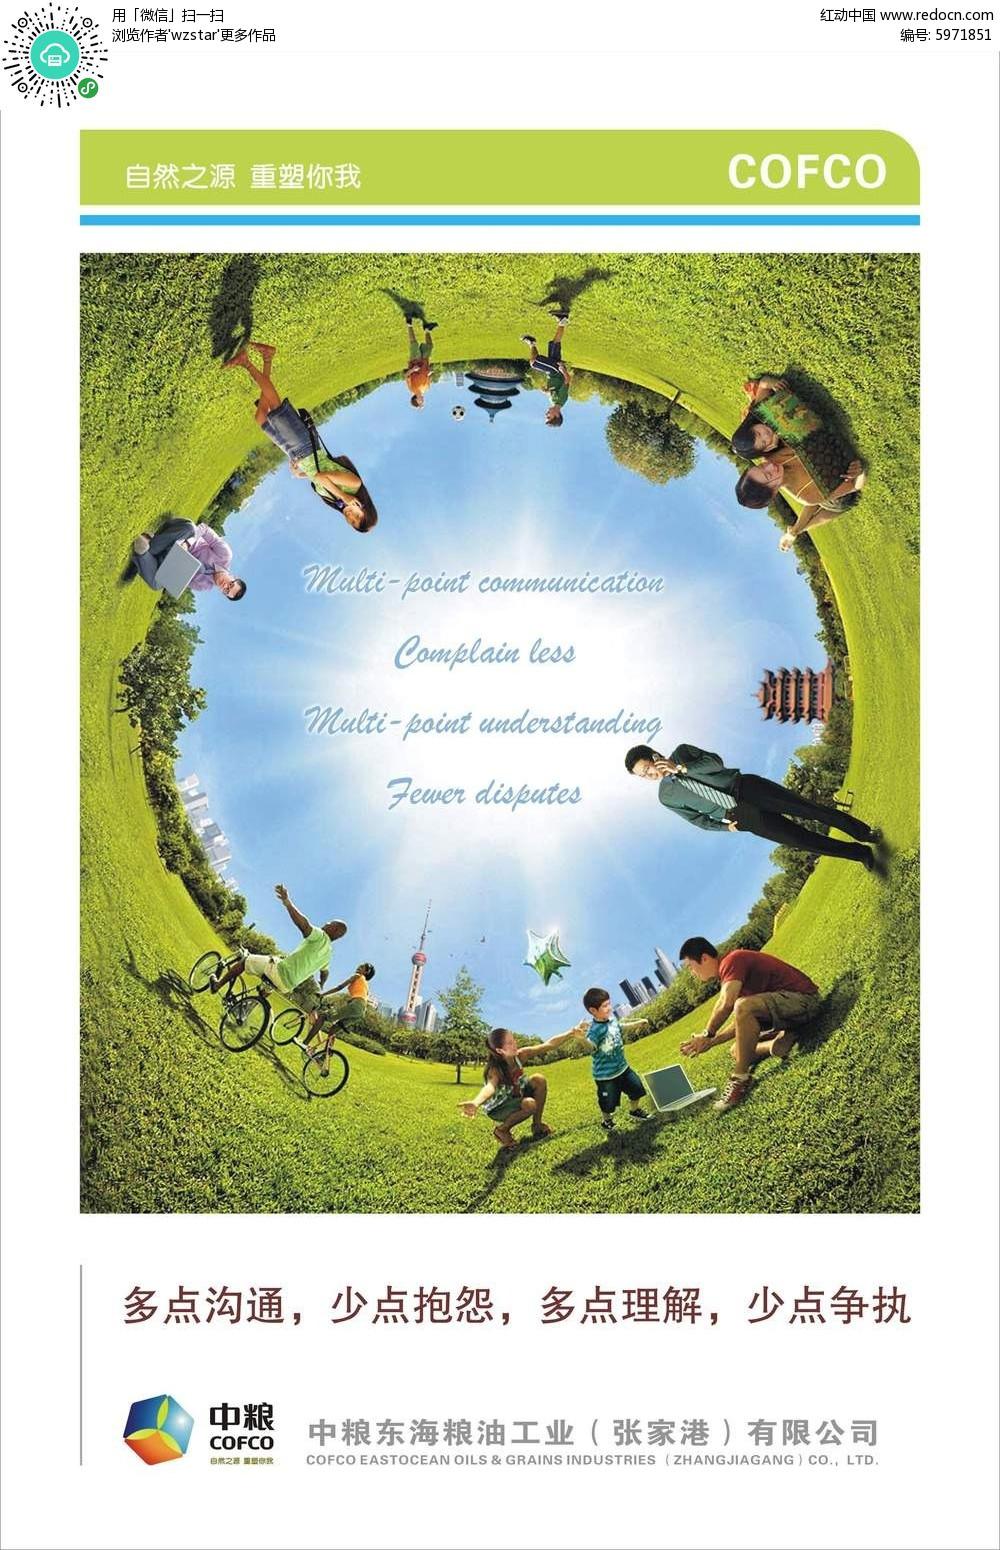 免费素材 psd素材 psd广告设计模板 其他 创意沟通交流海报背景素材图片